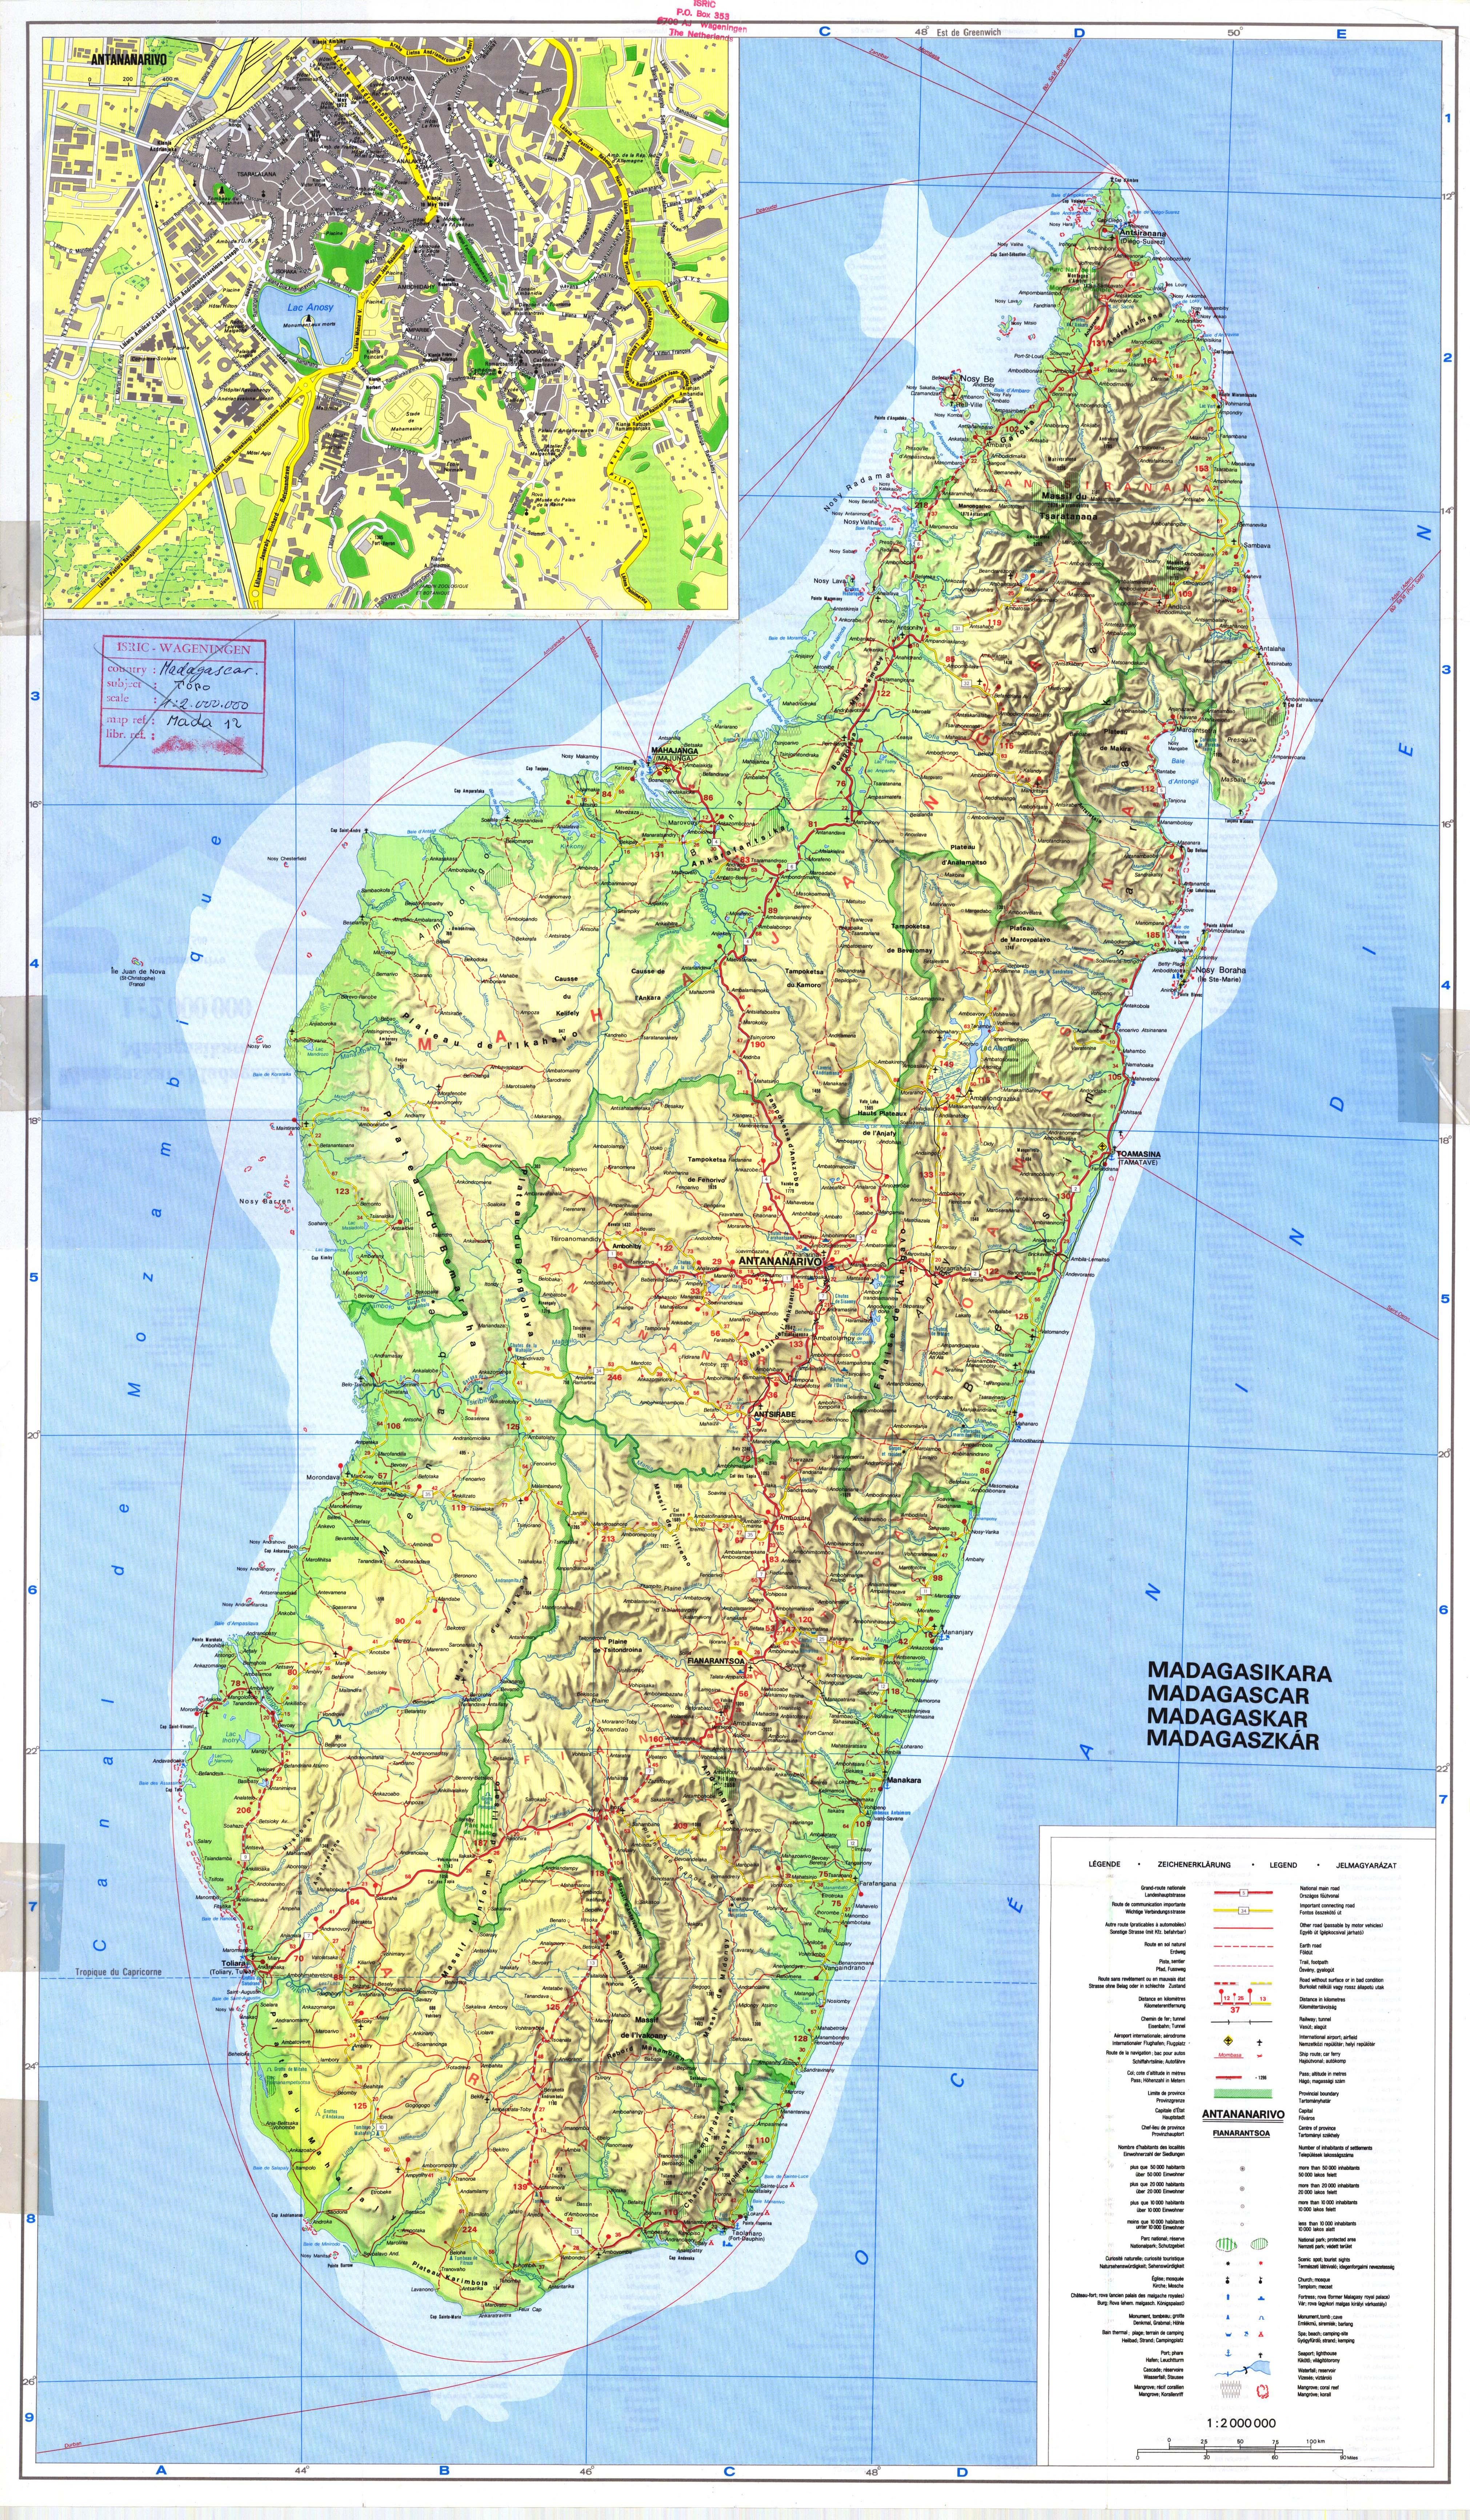 Madagascar : Histoire, Patrimoine, Cartes & Documents en ligne